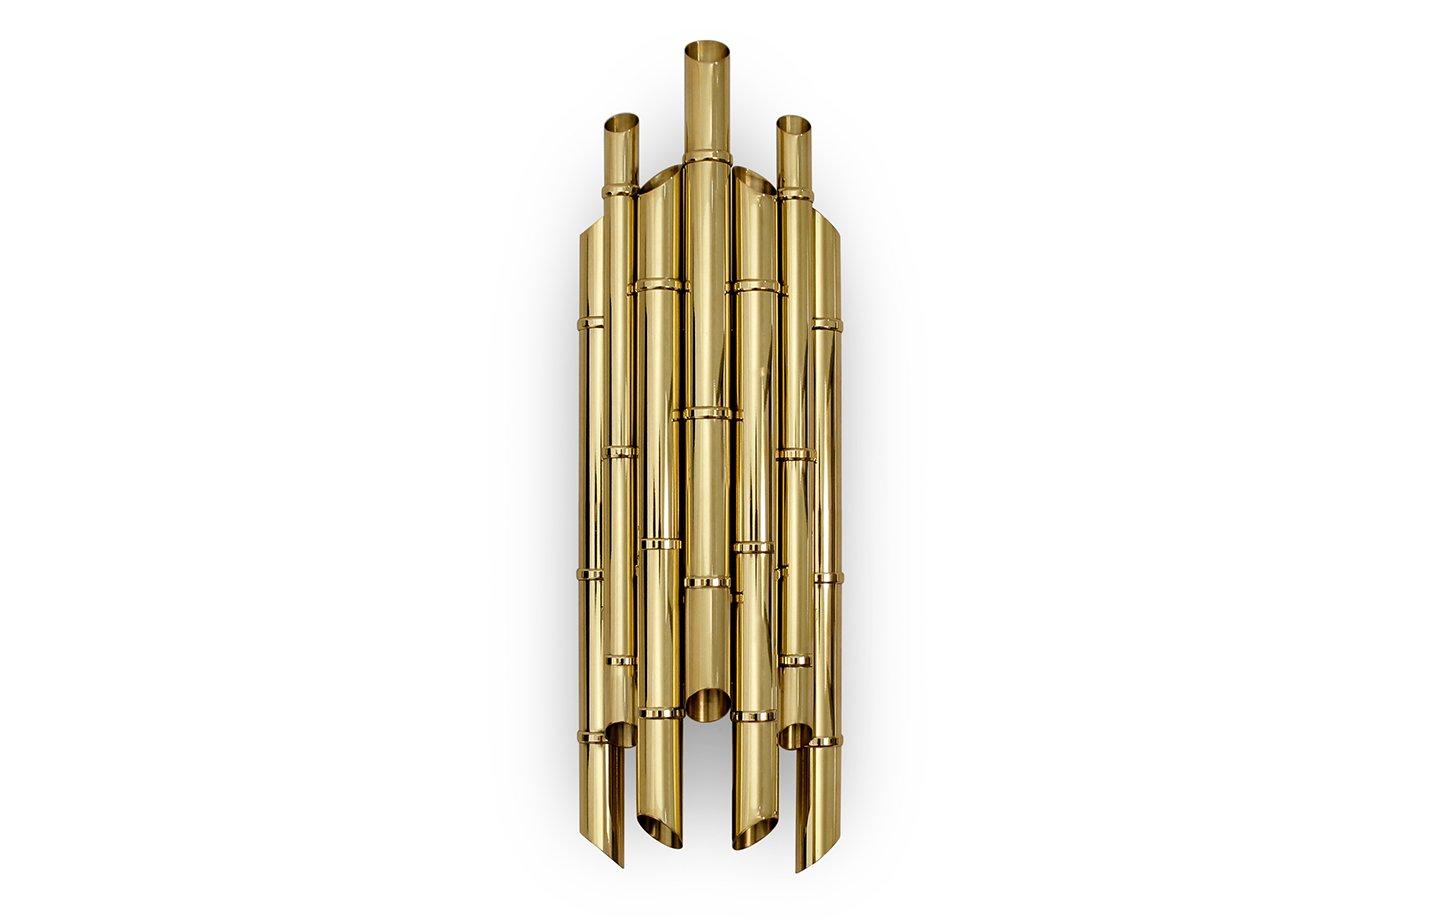 Saki wall light – Brass